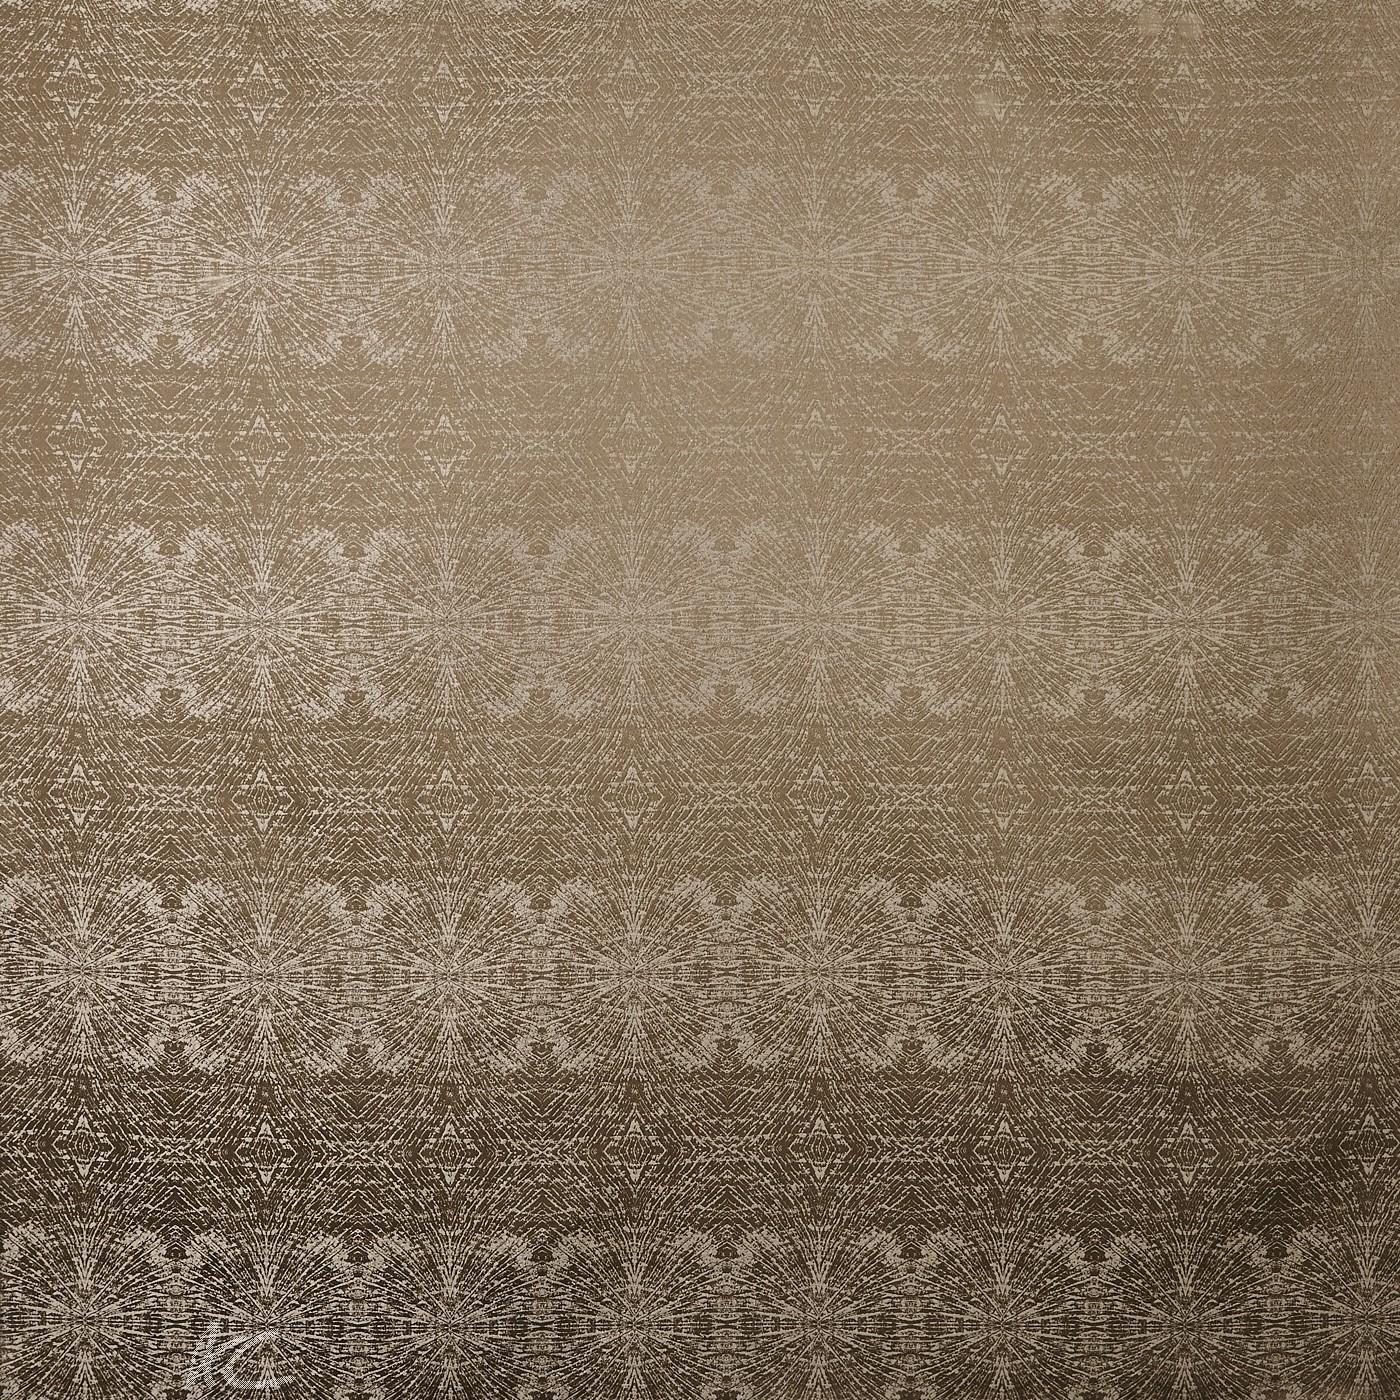 Prestigious Textiles Asteria Athena Gilt Made to Measure Curtains